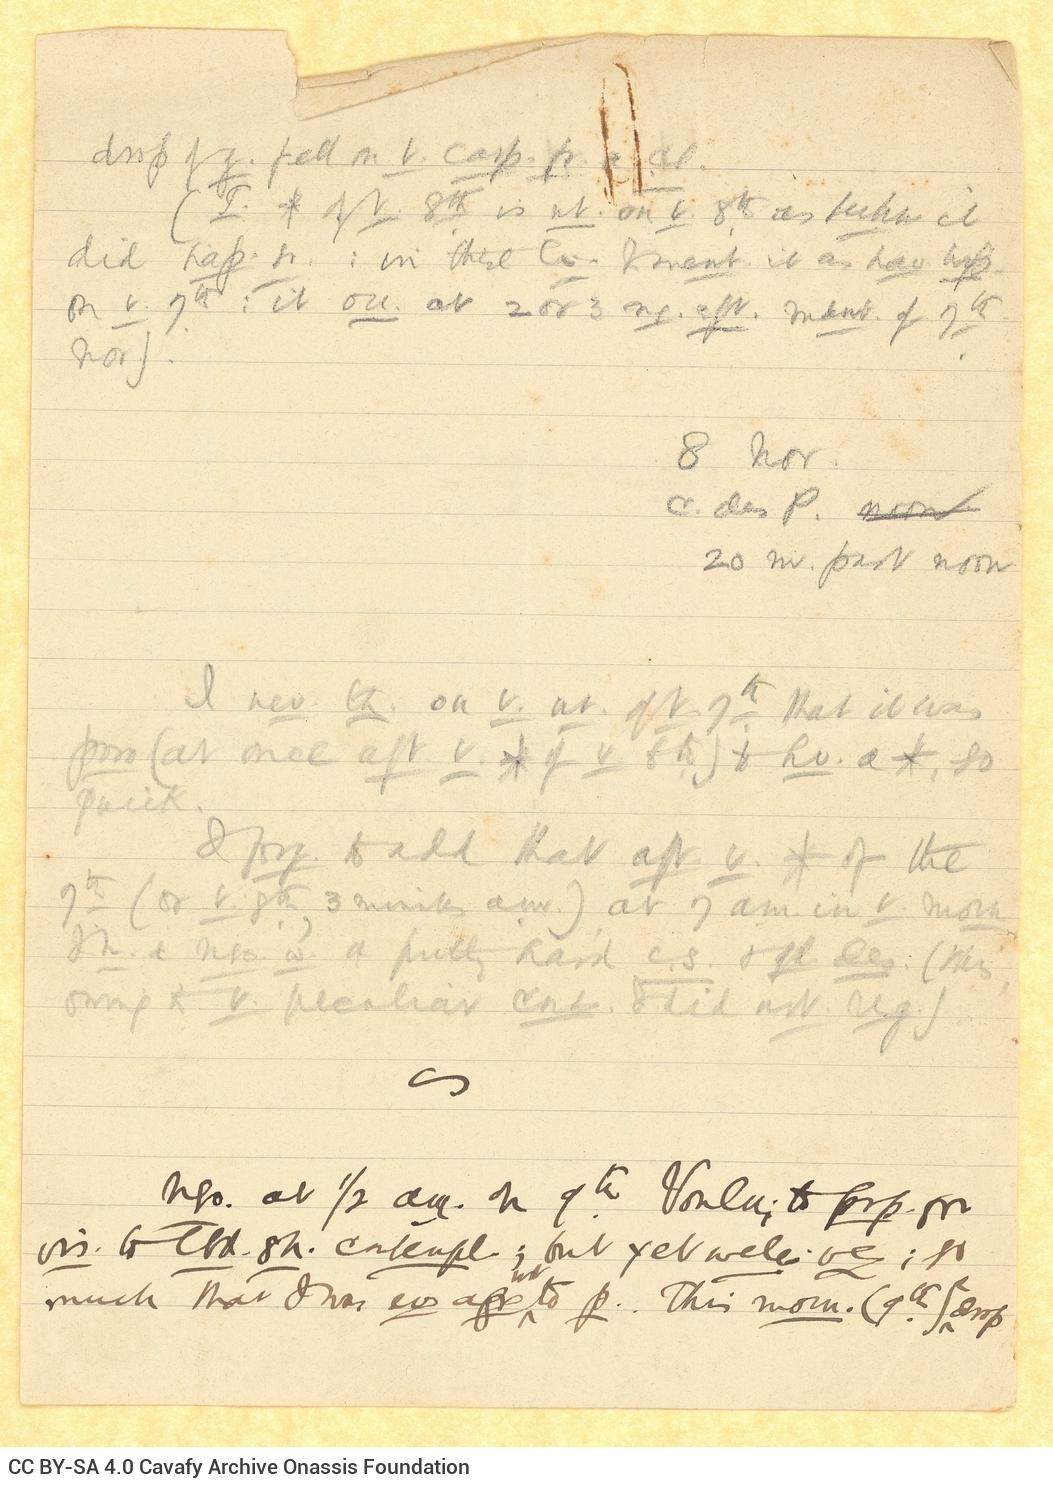 Χειρόγραφες σημειώσεις του Καβάφη στις τρεις πρώτες σελίδες τετρα